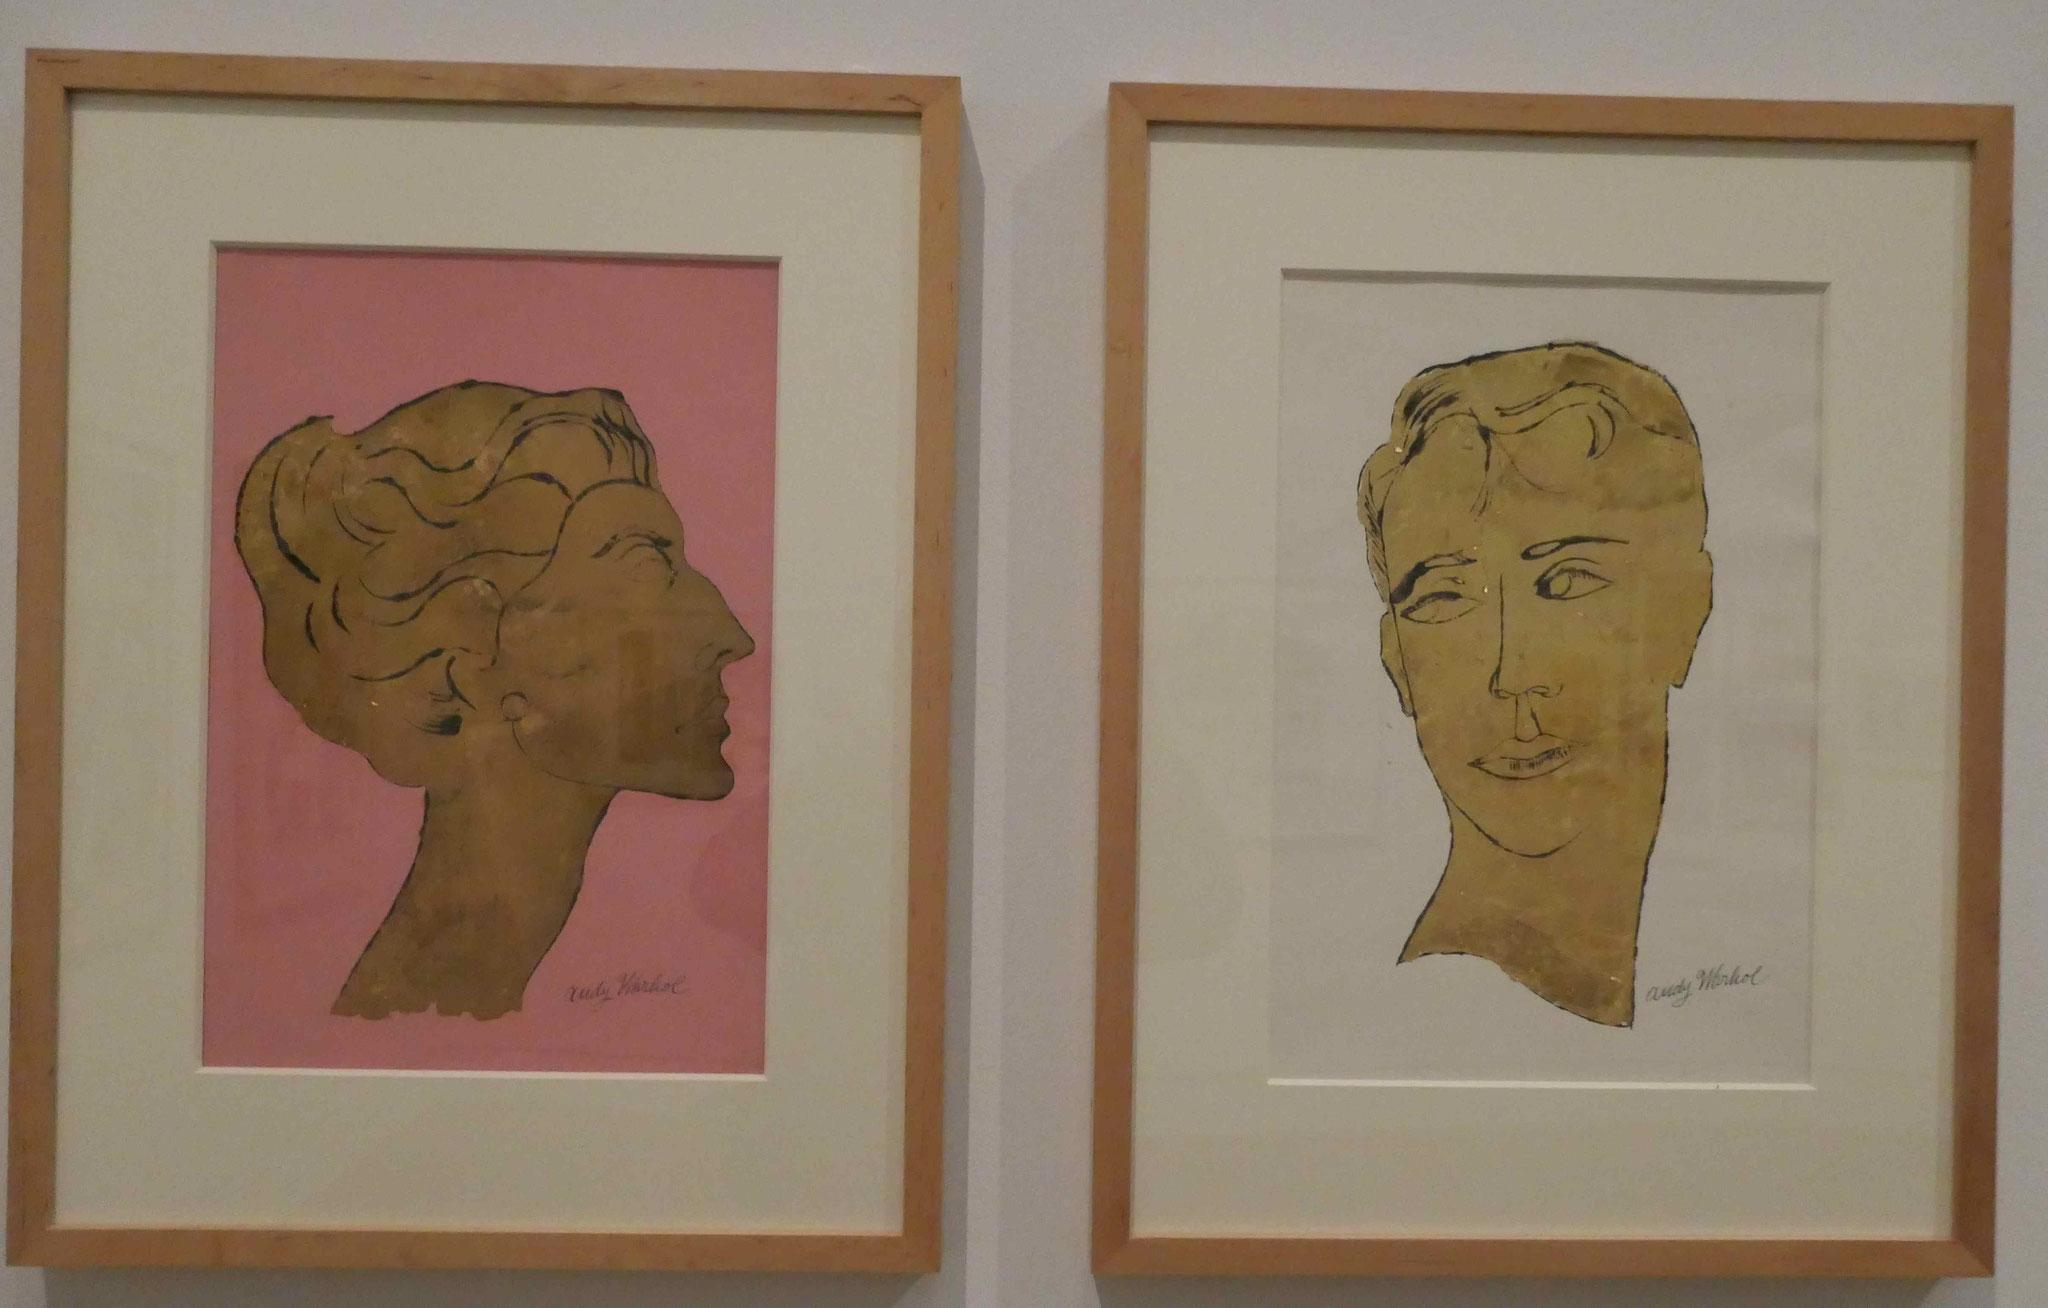 Andy Warhol, Abklatsch einer Federzeichnung in Schwarz und Blattgoldimitat, um 1957